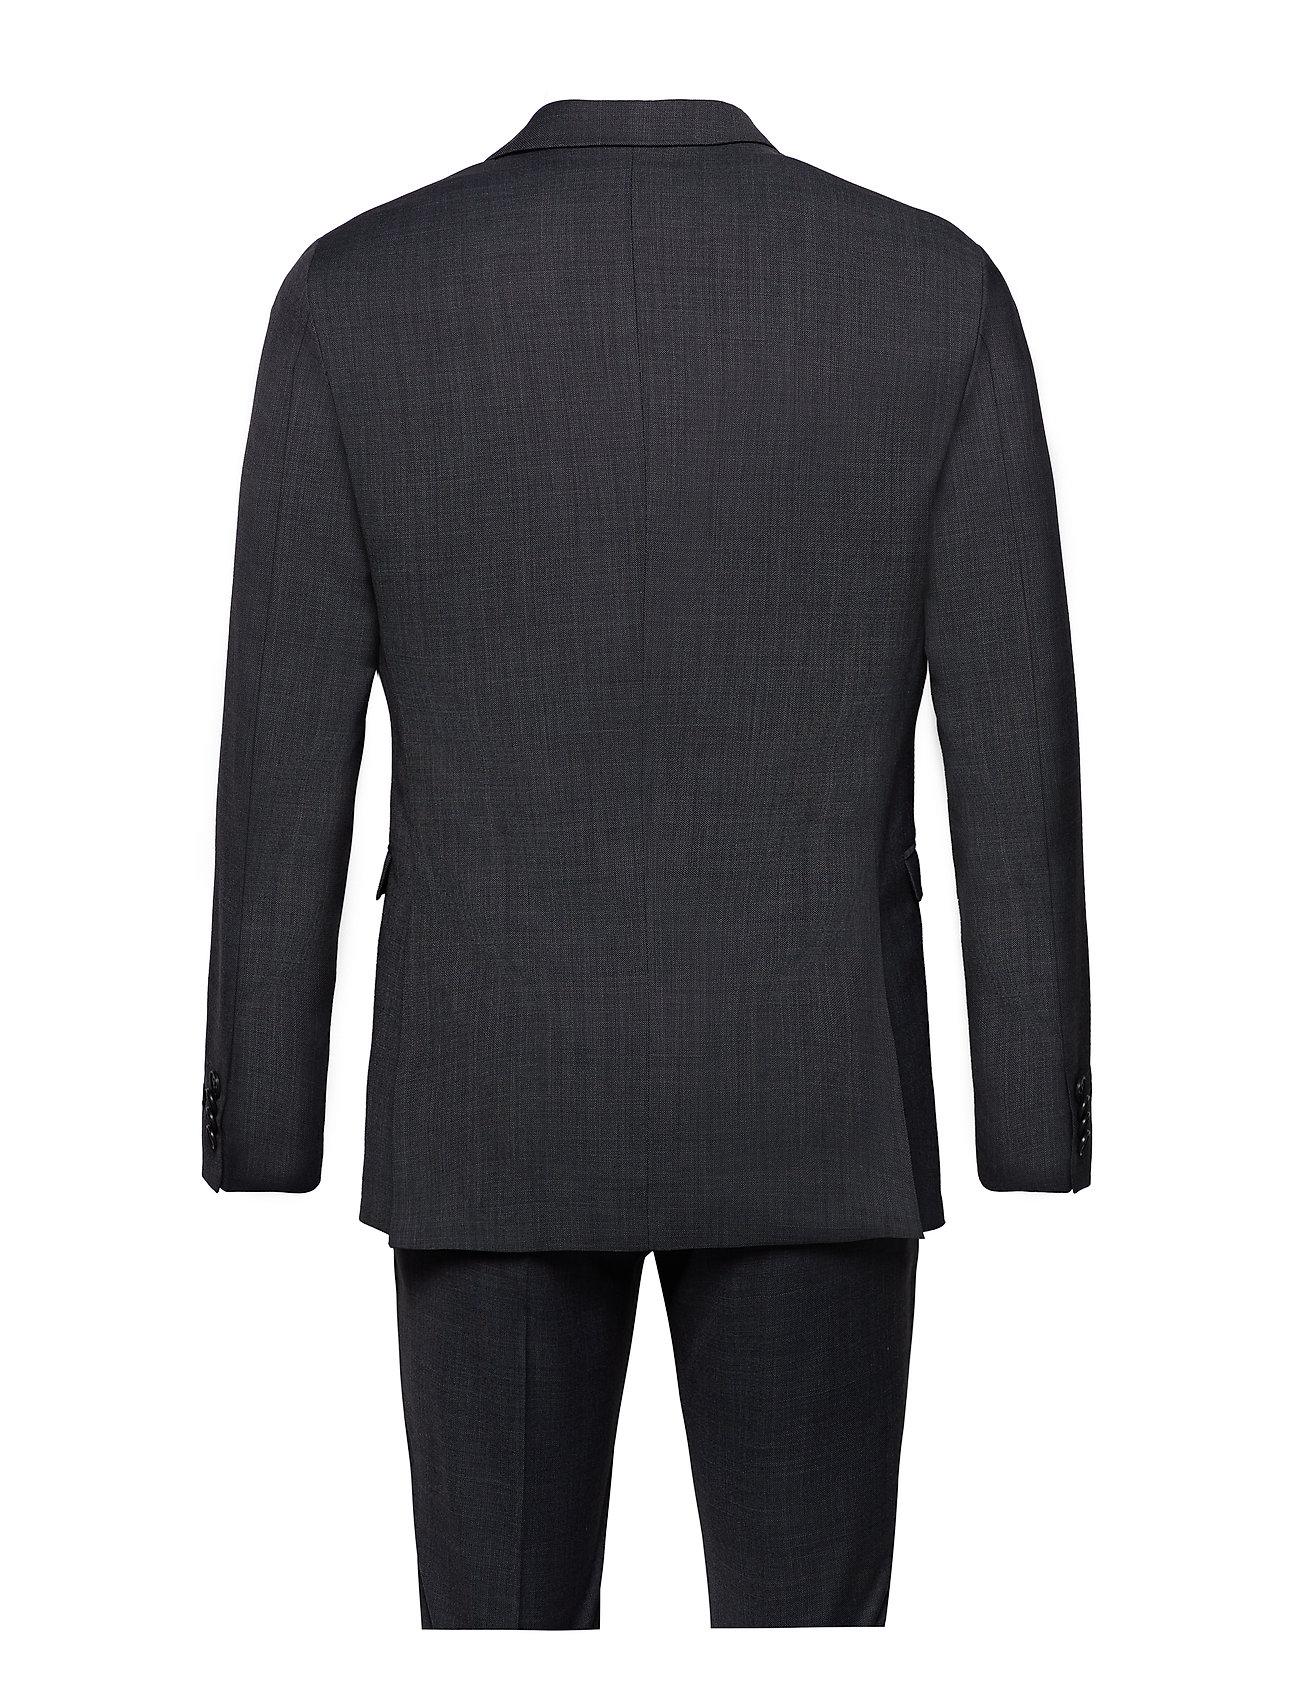 JACK & JONES Anzüge | JACK & JONES Jprsolaris Suit Anzug Grau JACK & J S